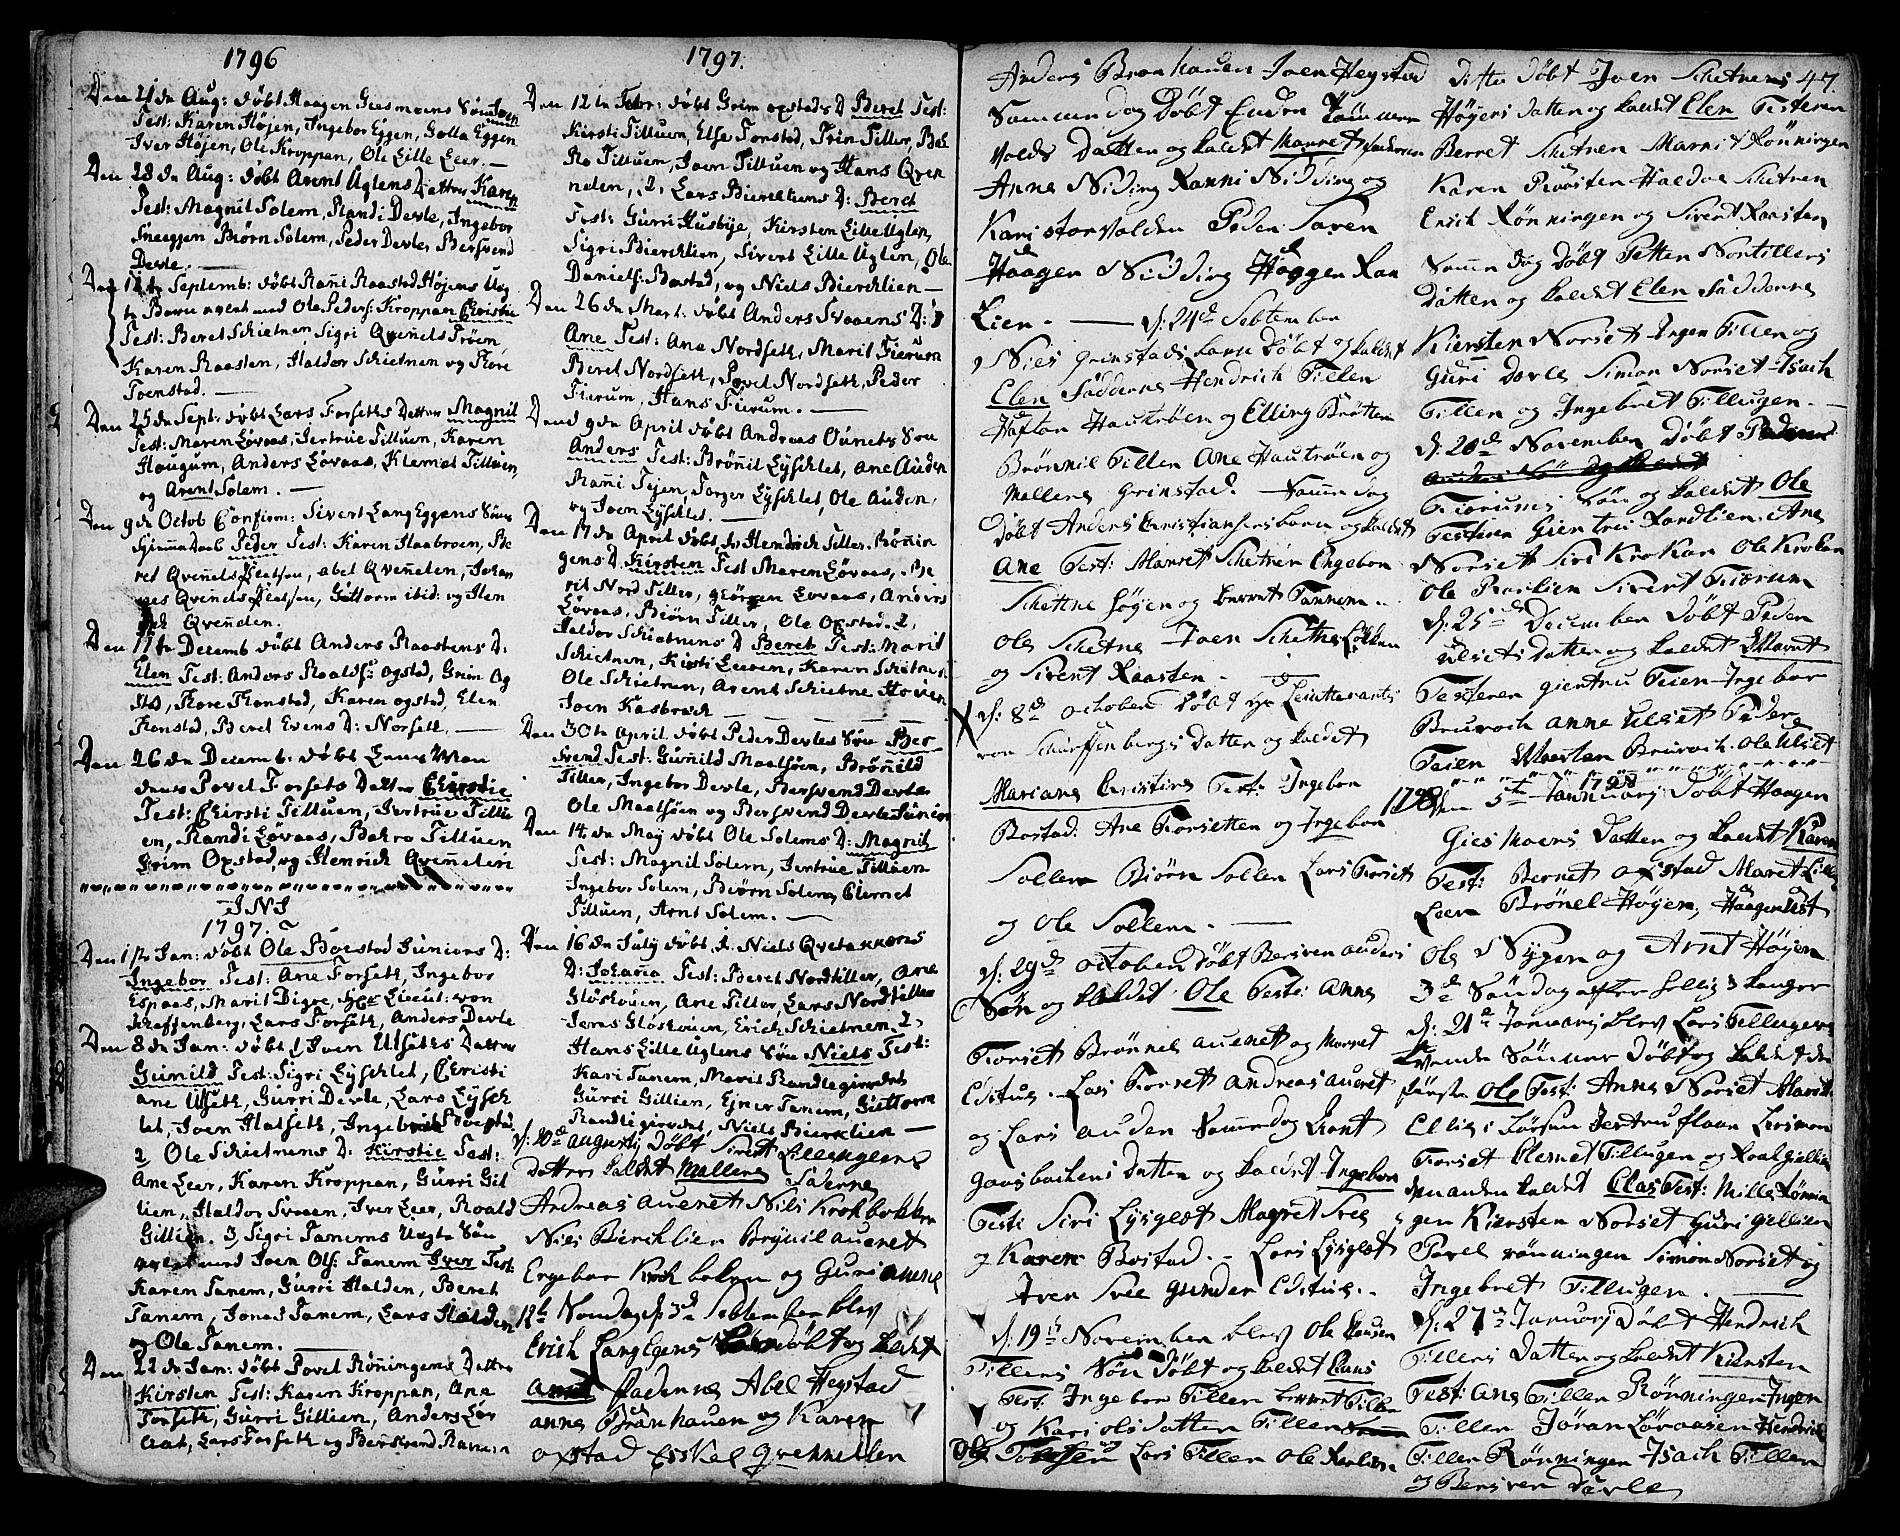 SAT, Ministerialprotokoller, klokkerbøker og fødselsregistre - Sør-Trøndelag, 618/L0438: Ministerialbok nr. 618A03, 1783-1815, s. 47